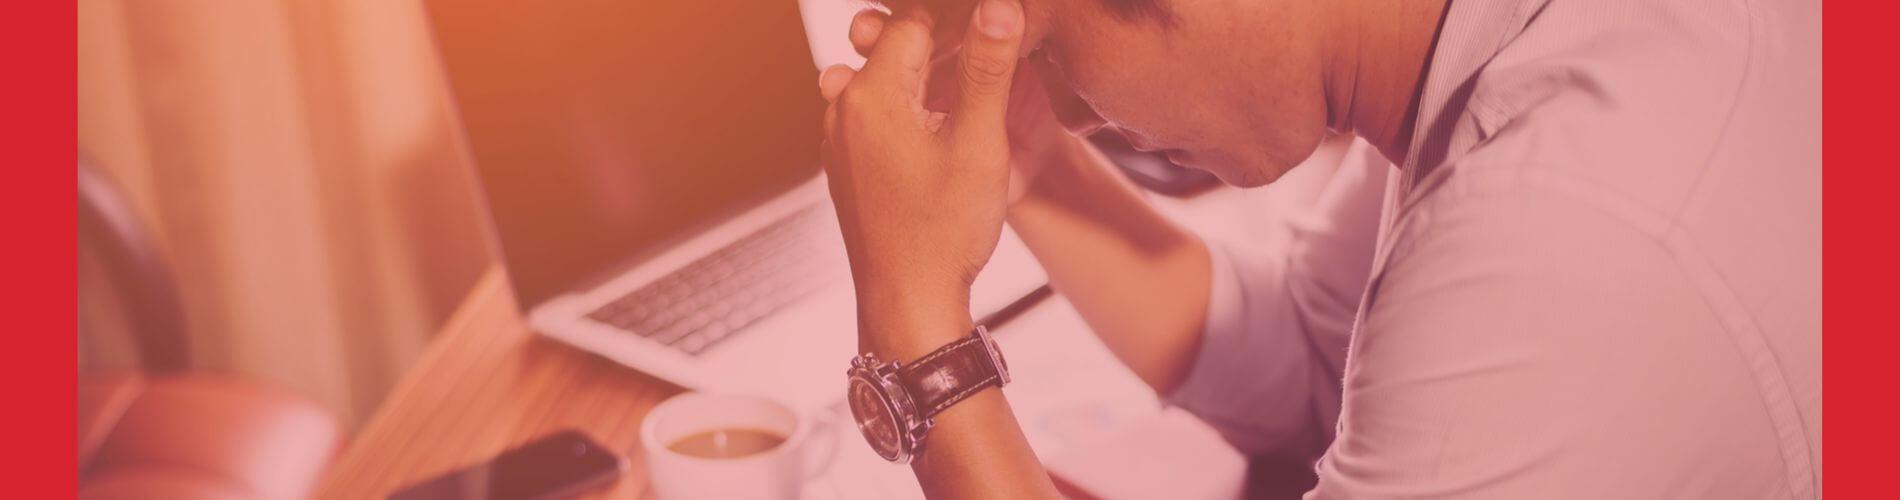 Hábitos de trabajo que arruinan tu mente y tu vida